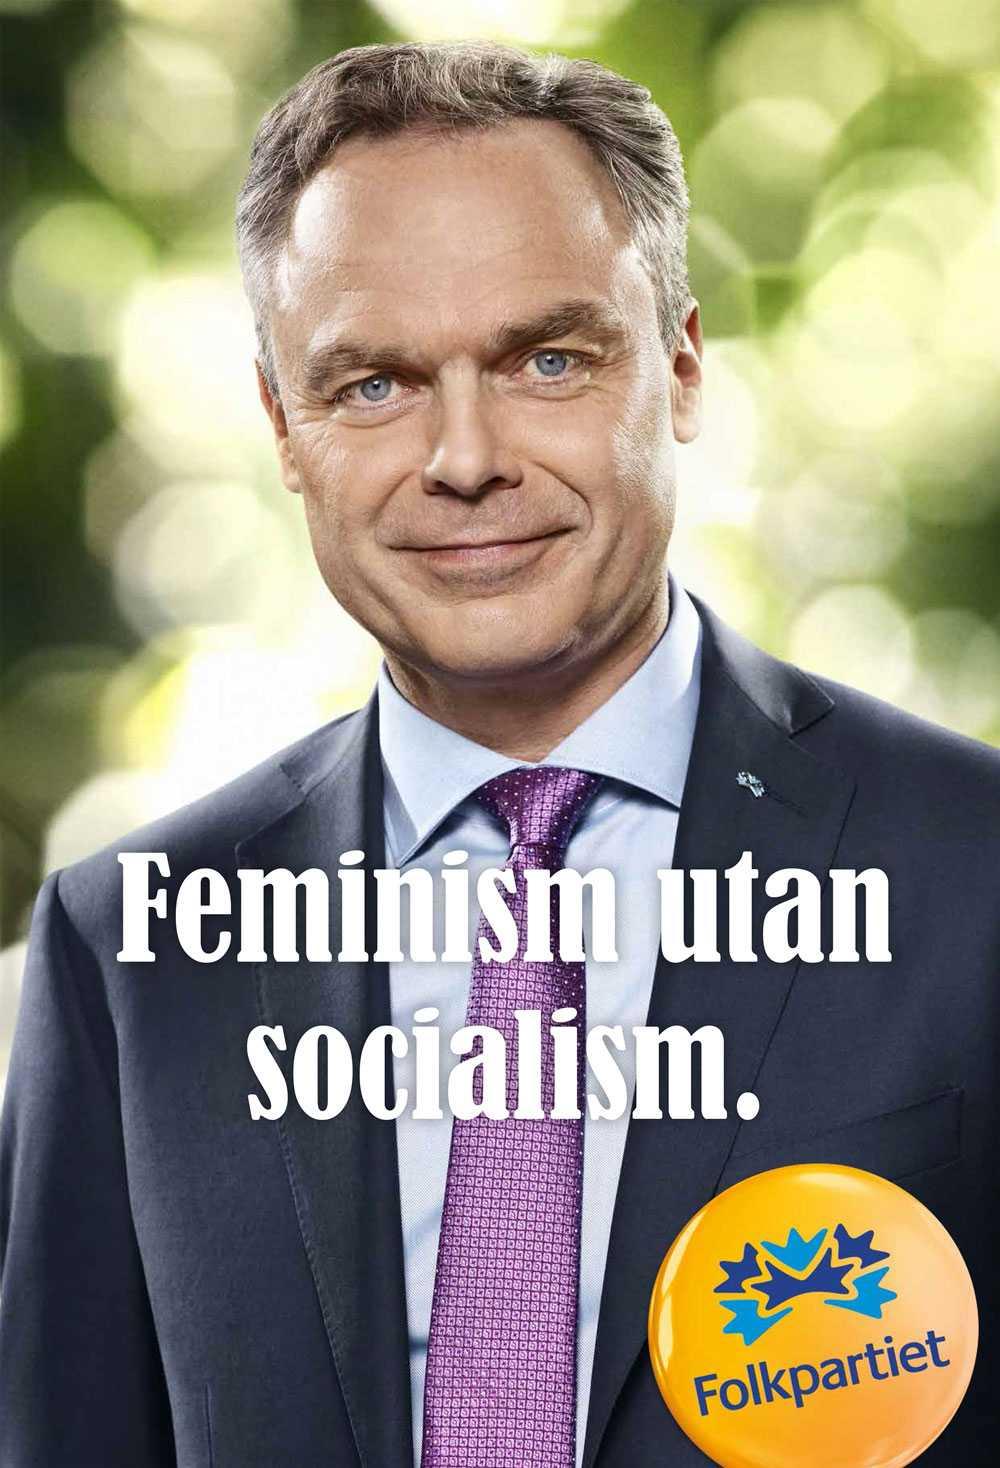 """++++ (4 plus) Henrik Torehammar: FP har en klassisk grafisk profil. Erik Ullenhags """"Ja till invandring, Nej till rasism"""" känns ännu mer klassisk Bengt Vetbästerberg-liberalism."""